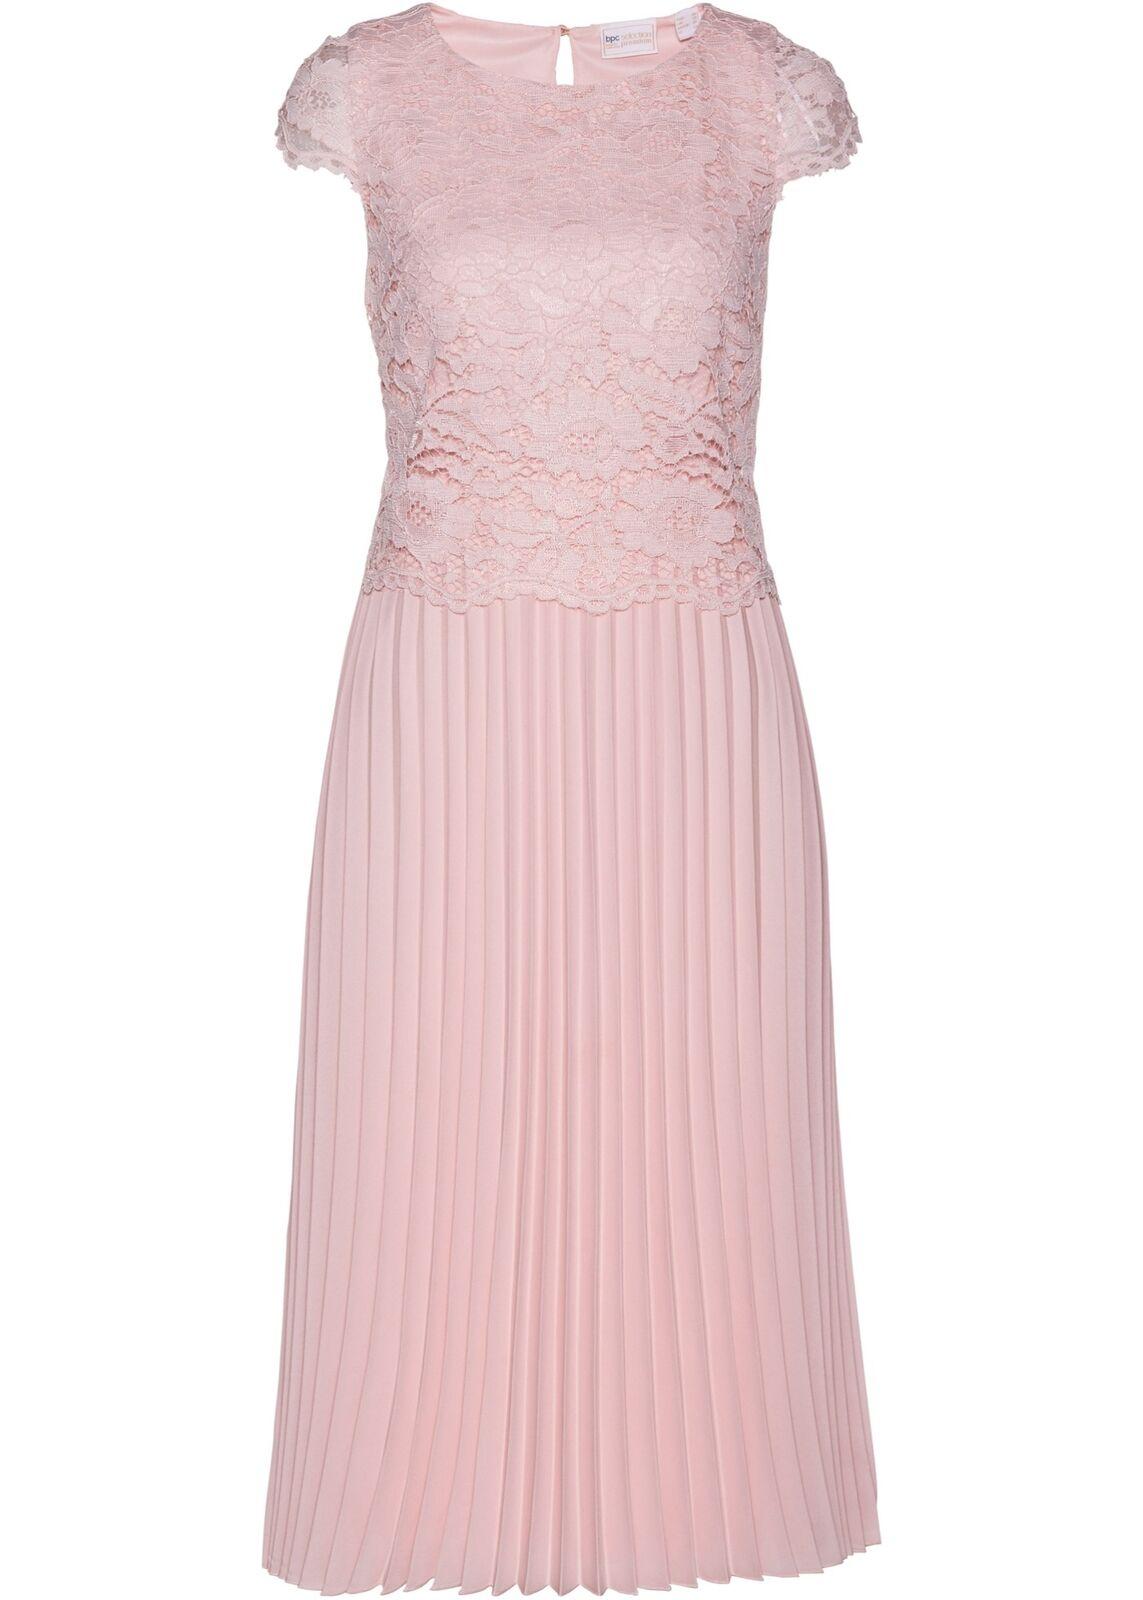 Premium Kleid Spitze Gr. 38 ZartRosa Damen Abendkleid Ballkleid Partykleid Neu